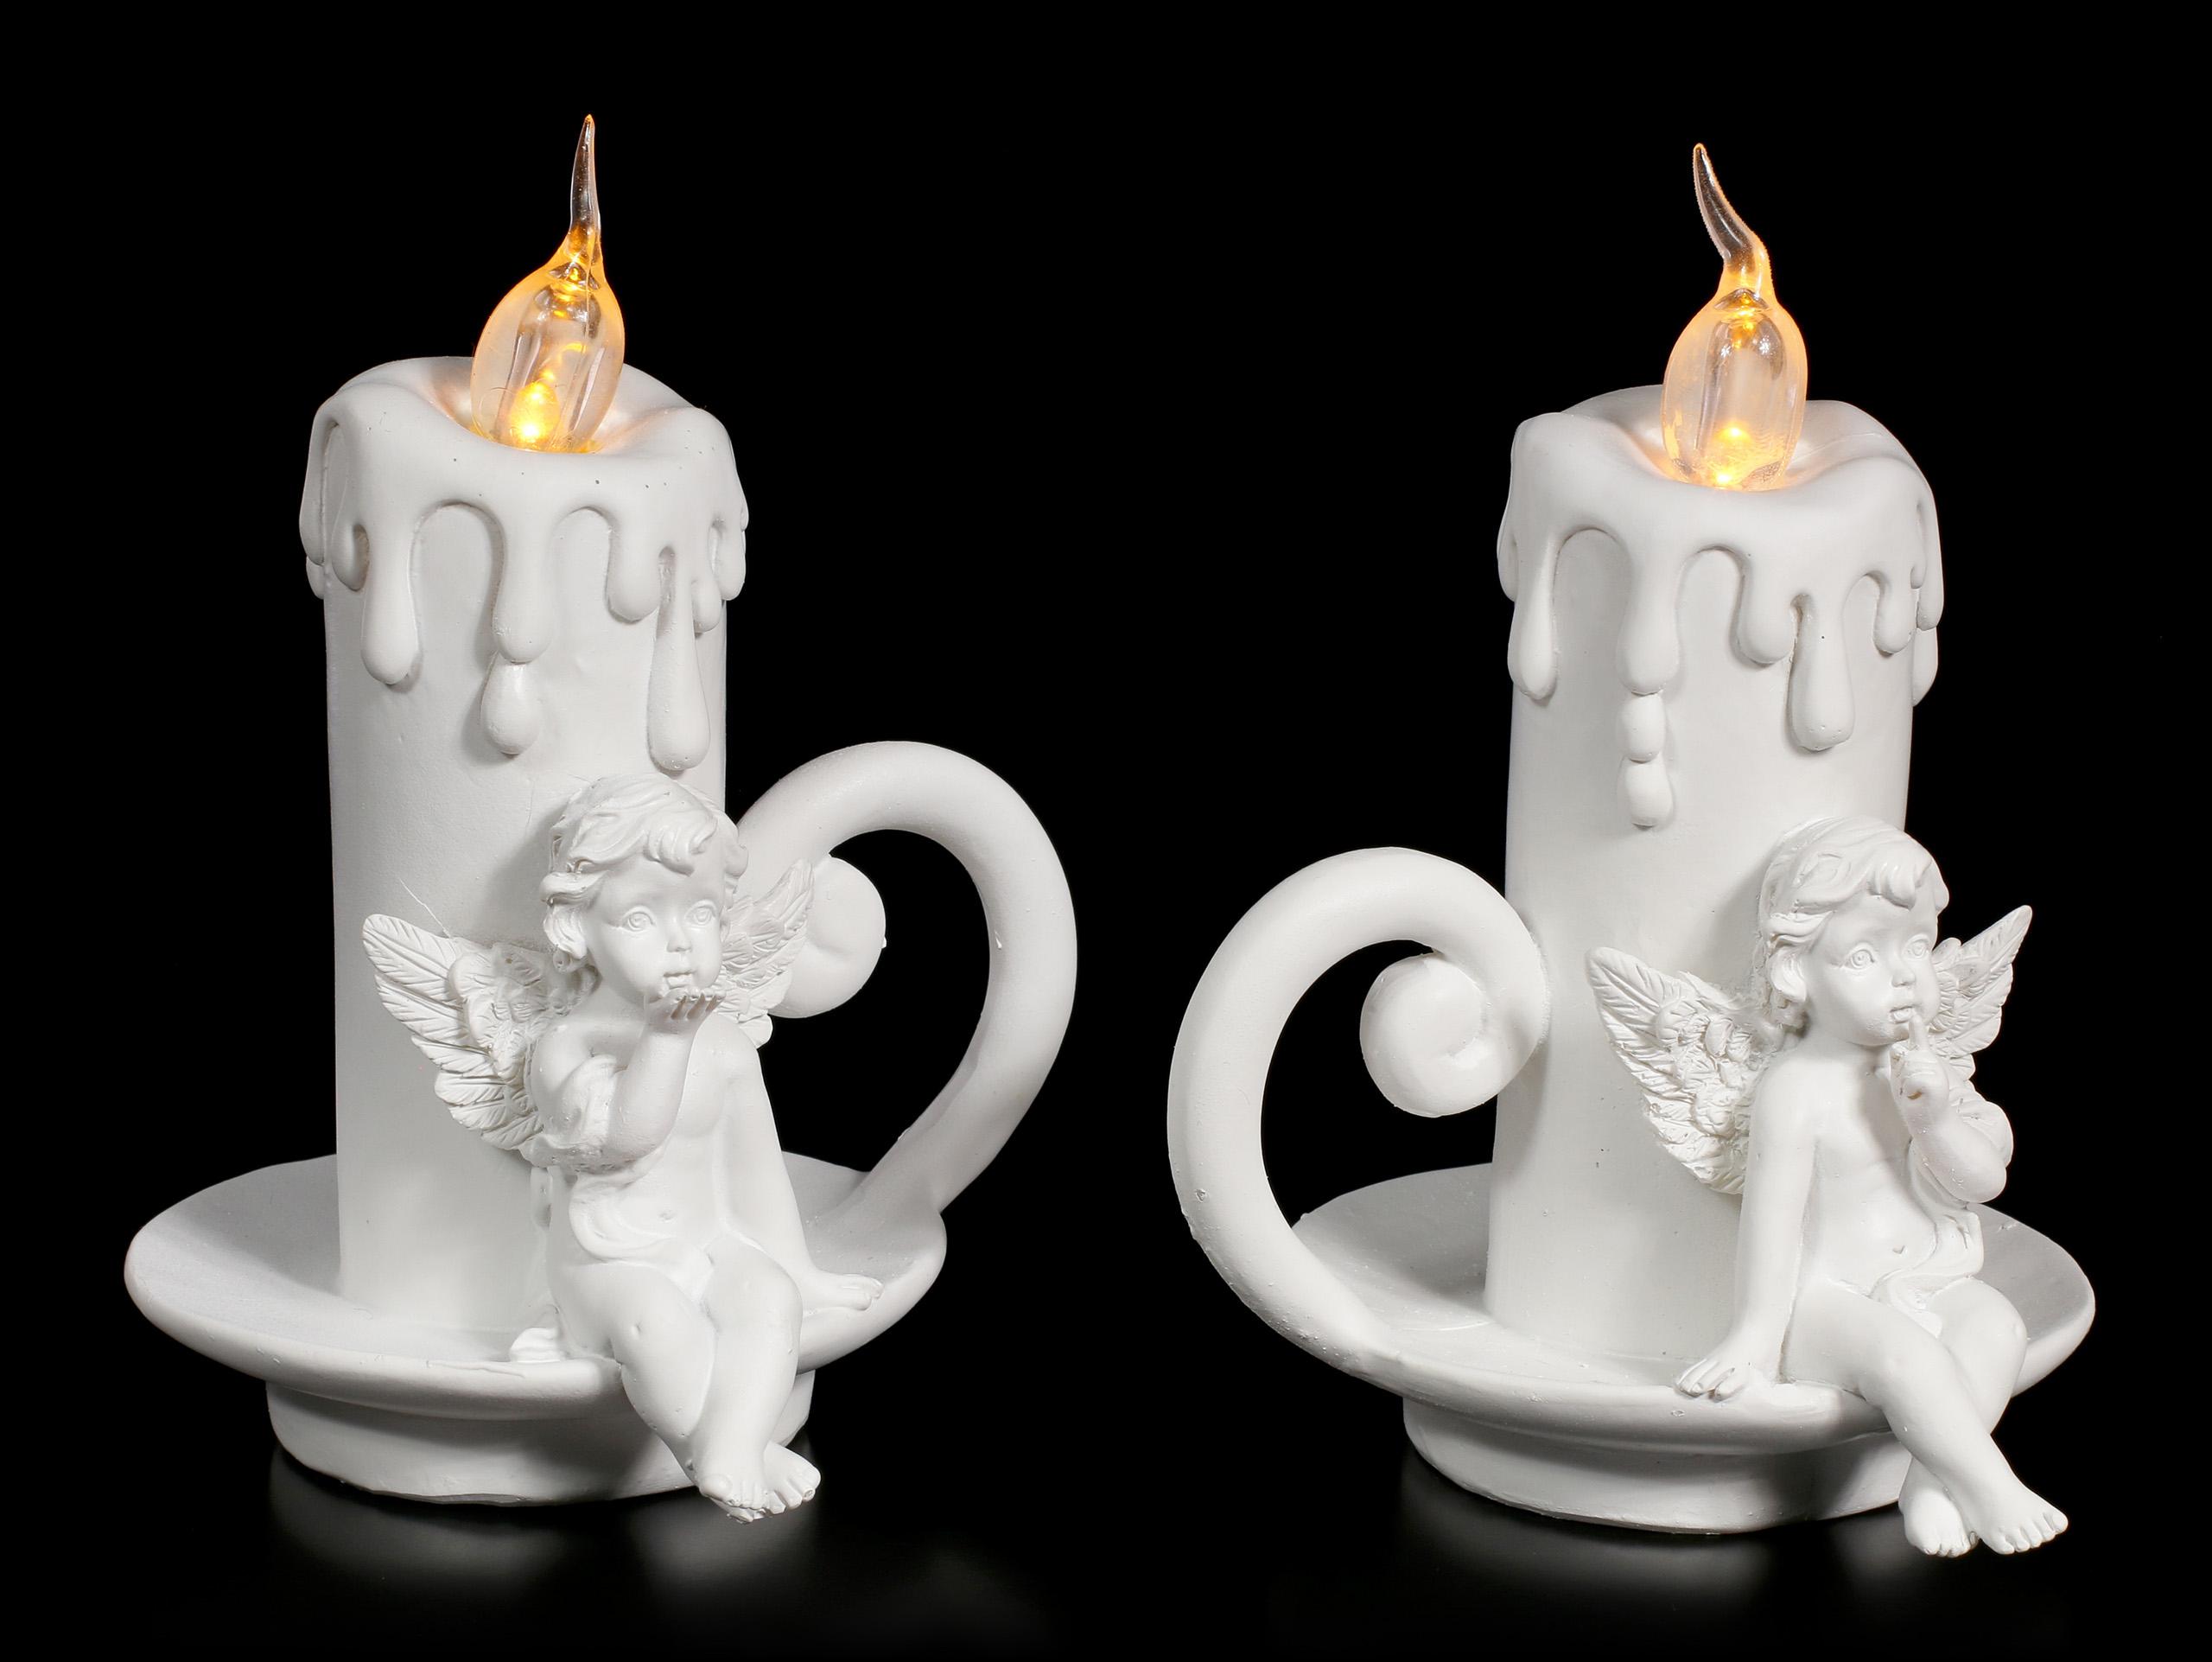 Kerzen Figuren.Cherubim Figuren Mit Led Kerzen 2er Set